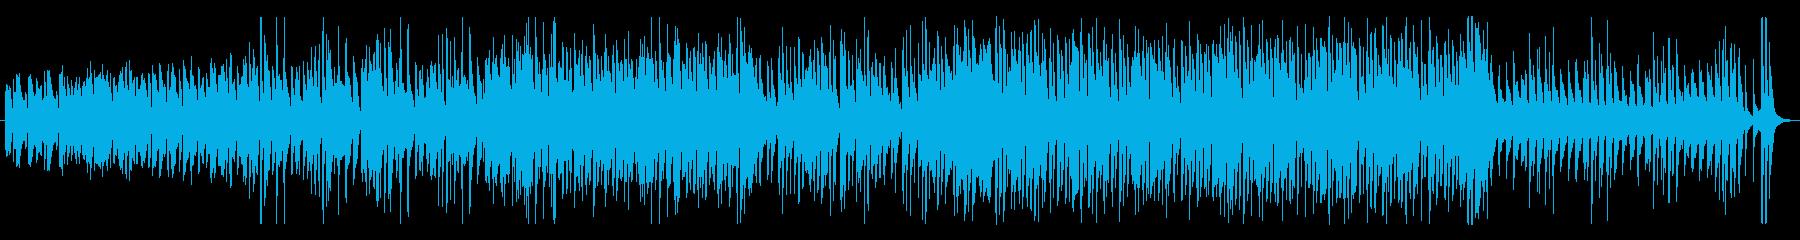 平穏な日常・ほのぼのとあたたかいBGMの再生済みの波形